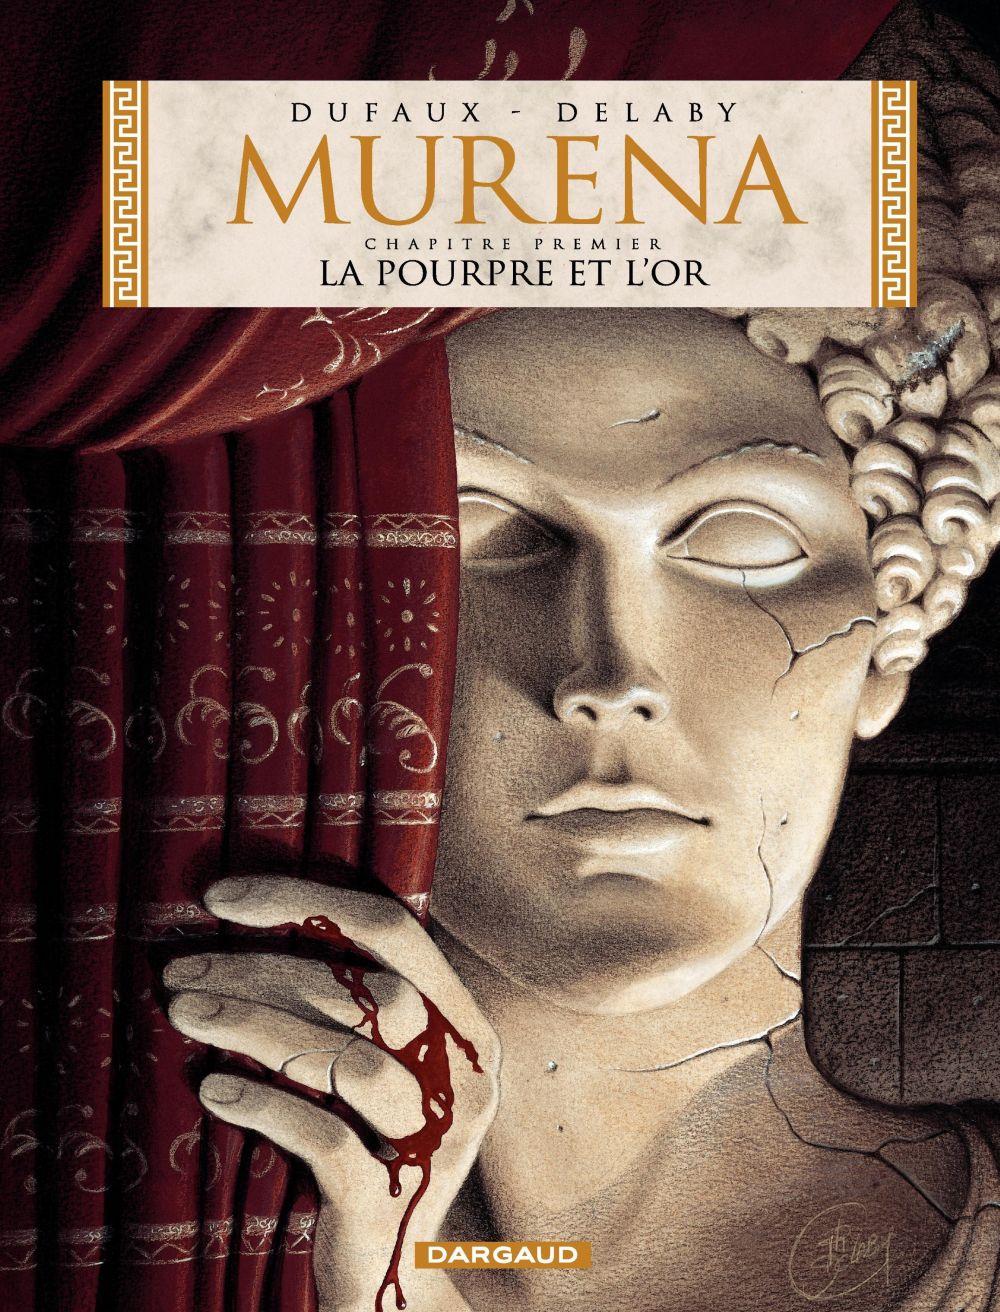 Murena - tome 1 - La Pourpre et l'or | Dufaux, Jean (1949-....). Auteur